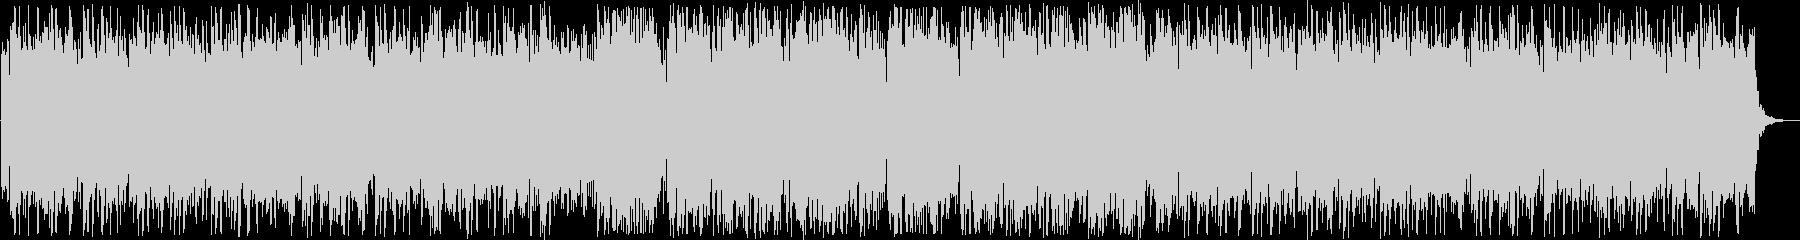 柔らかい音色のリラクゼーション曲の未再生の波形